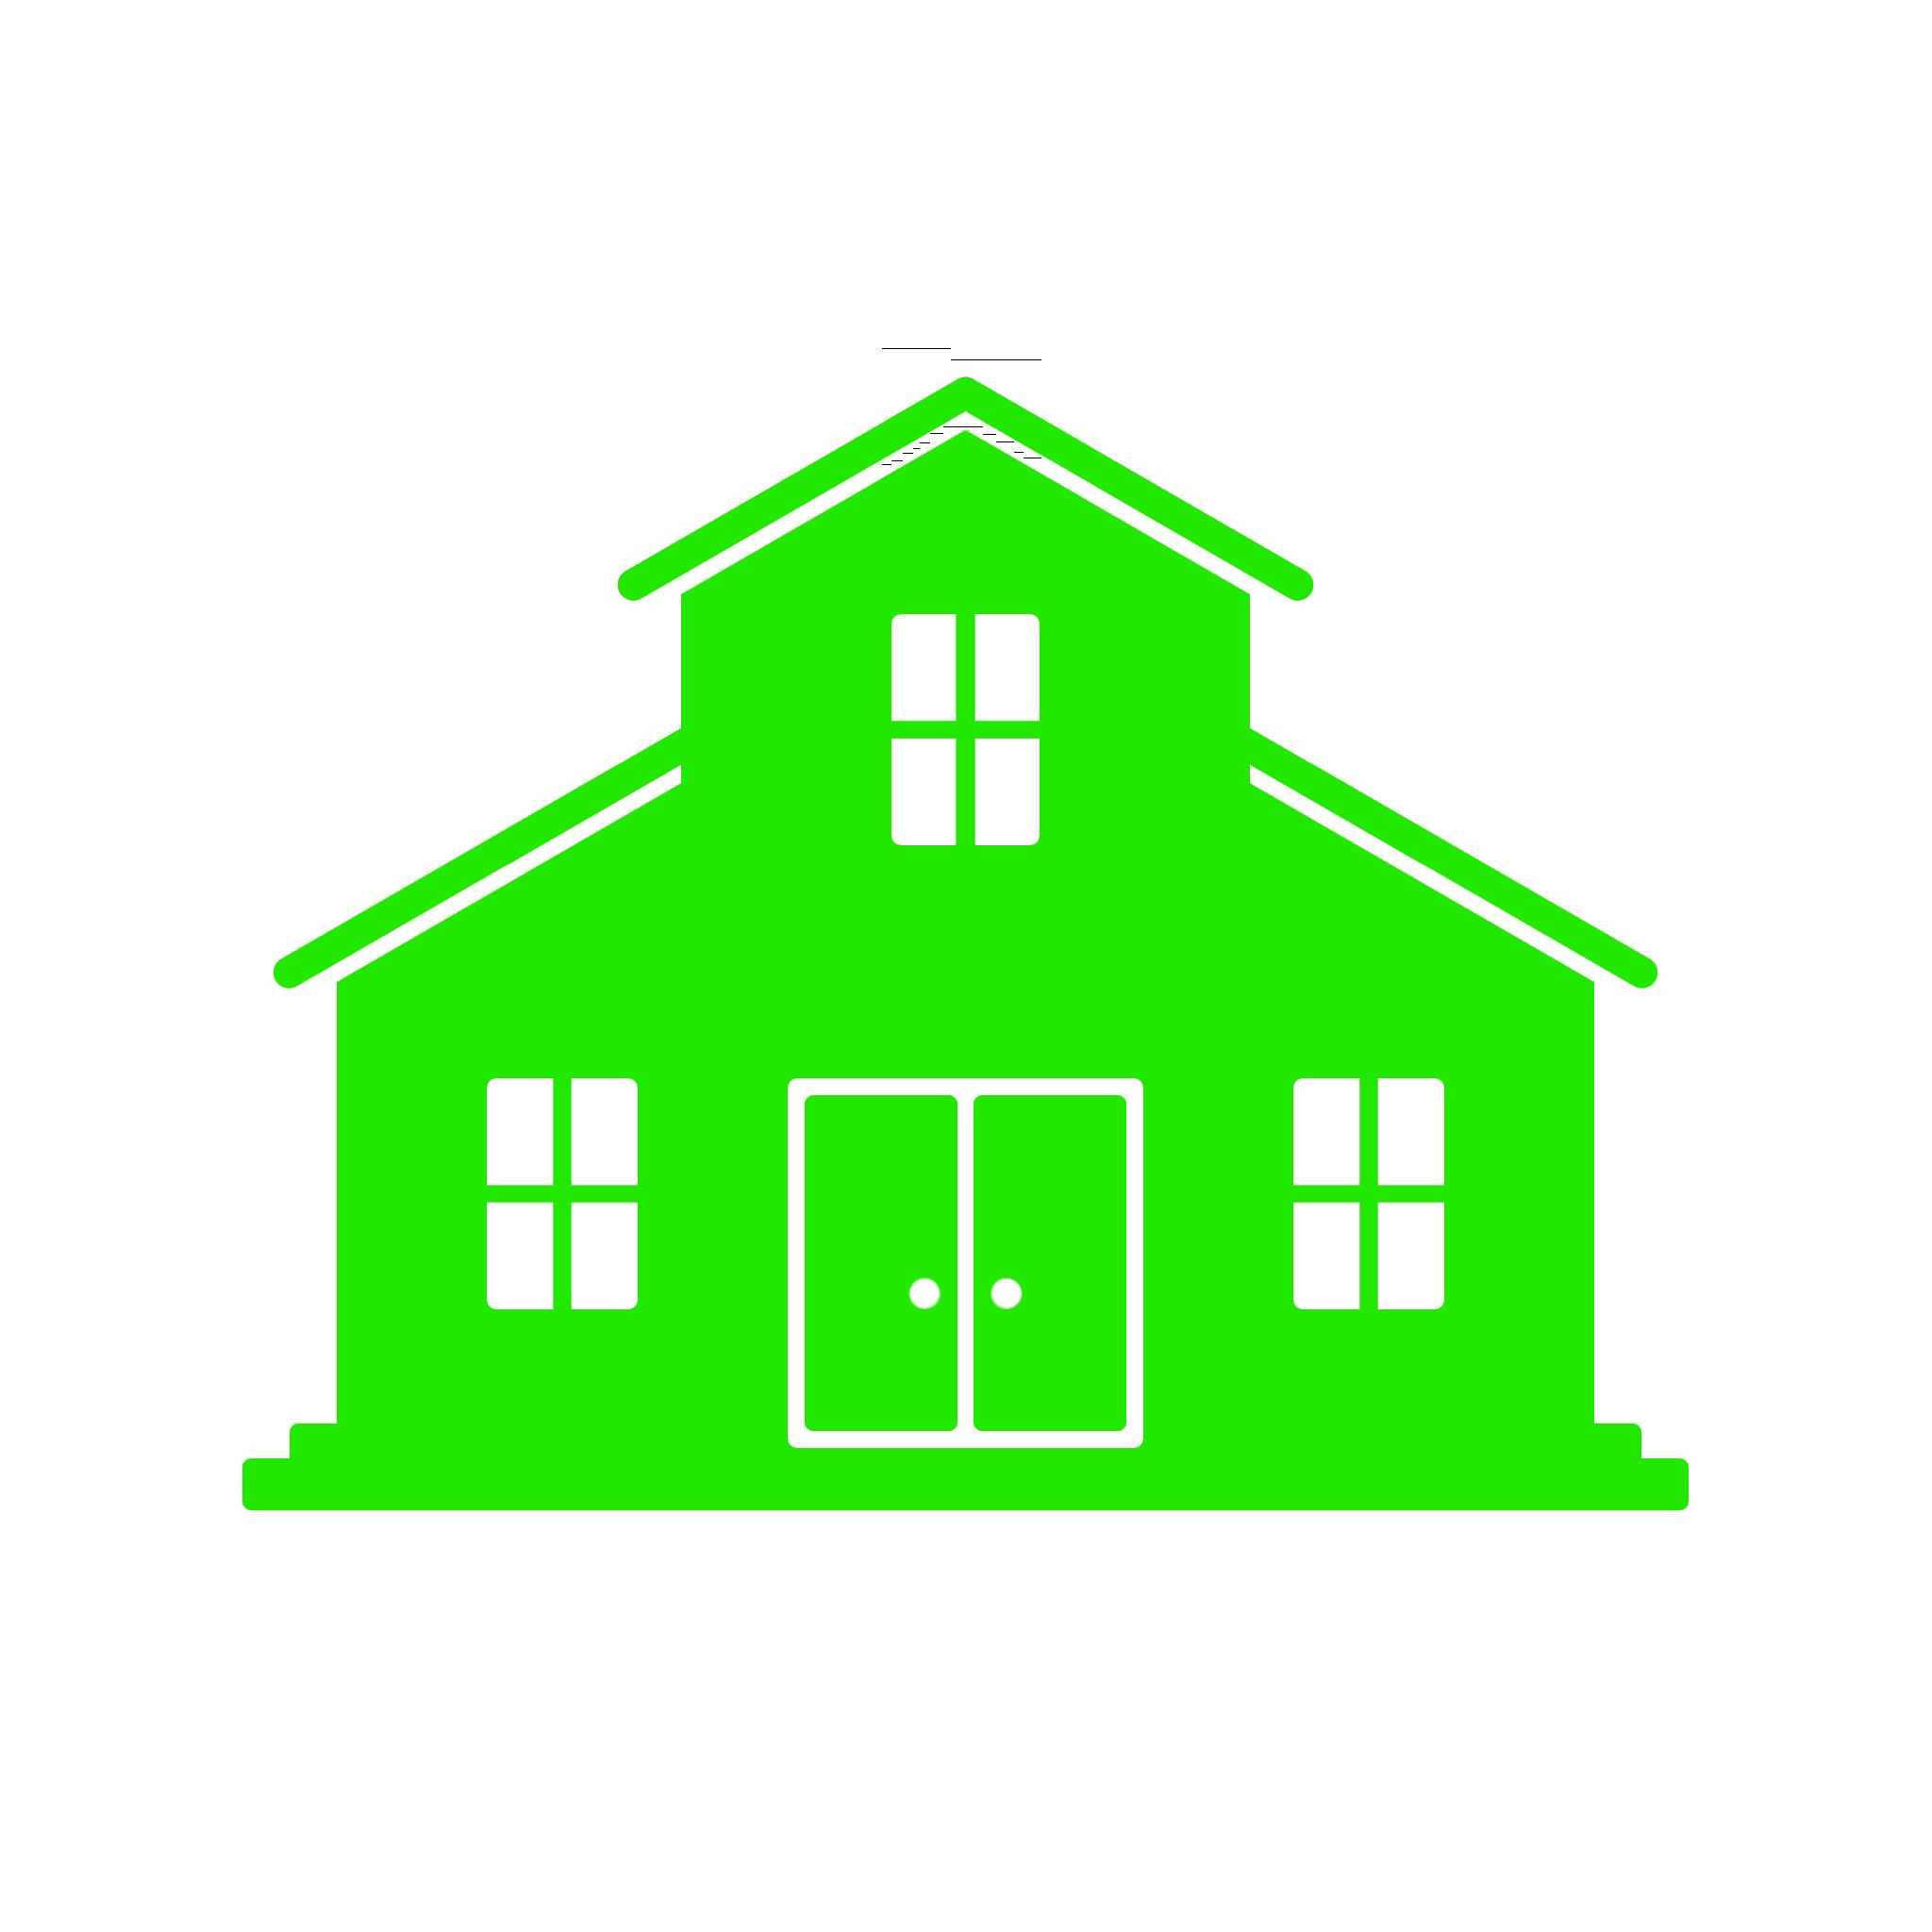 szkoła zielona